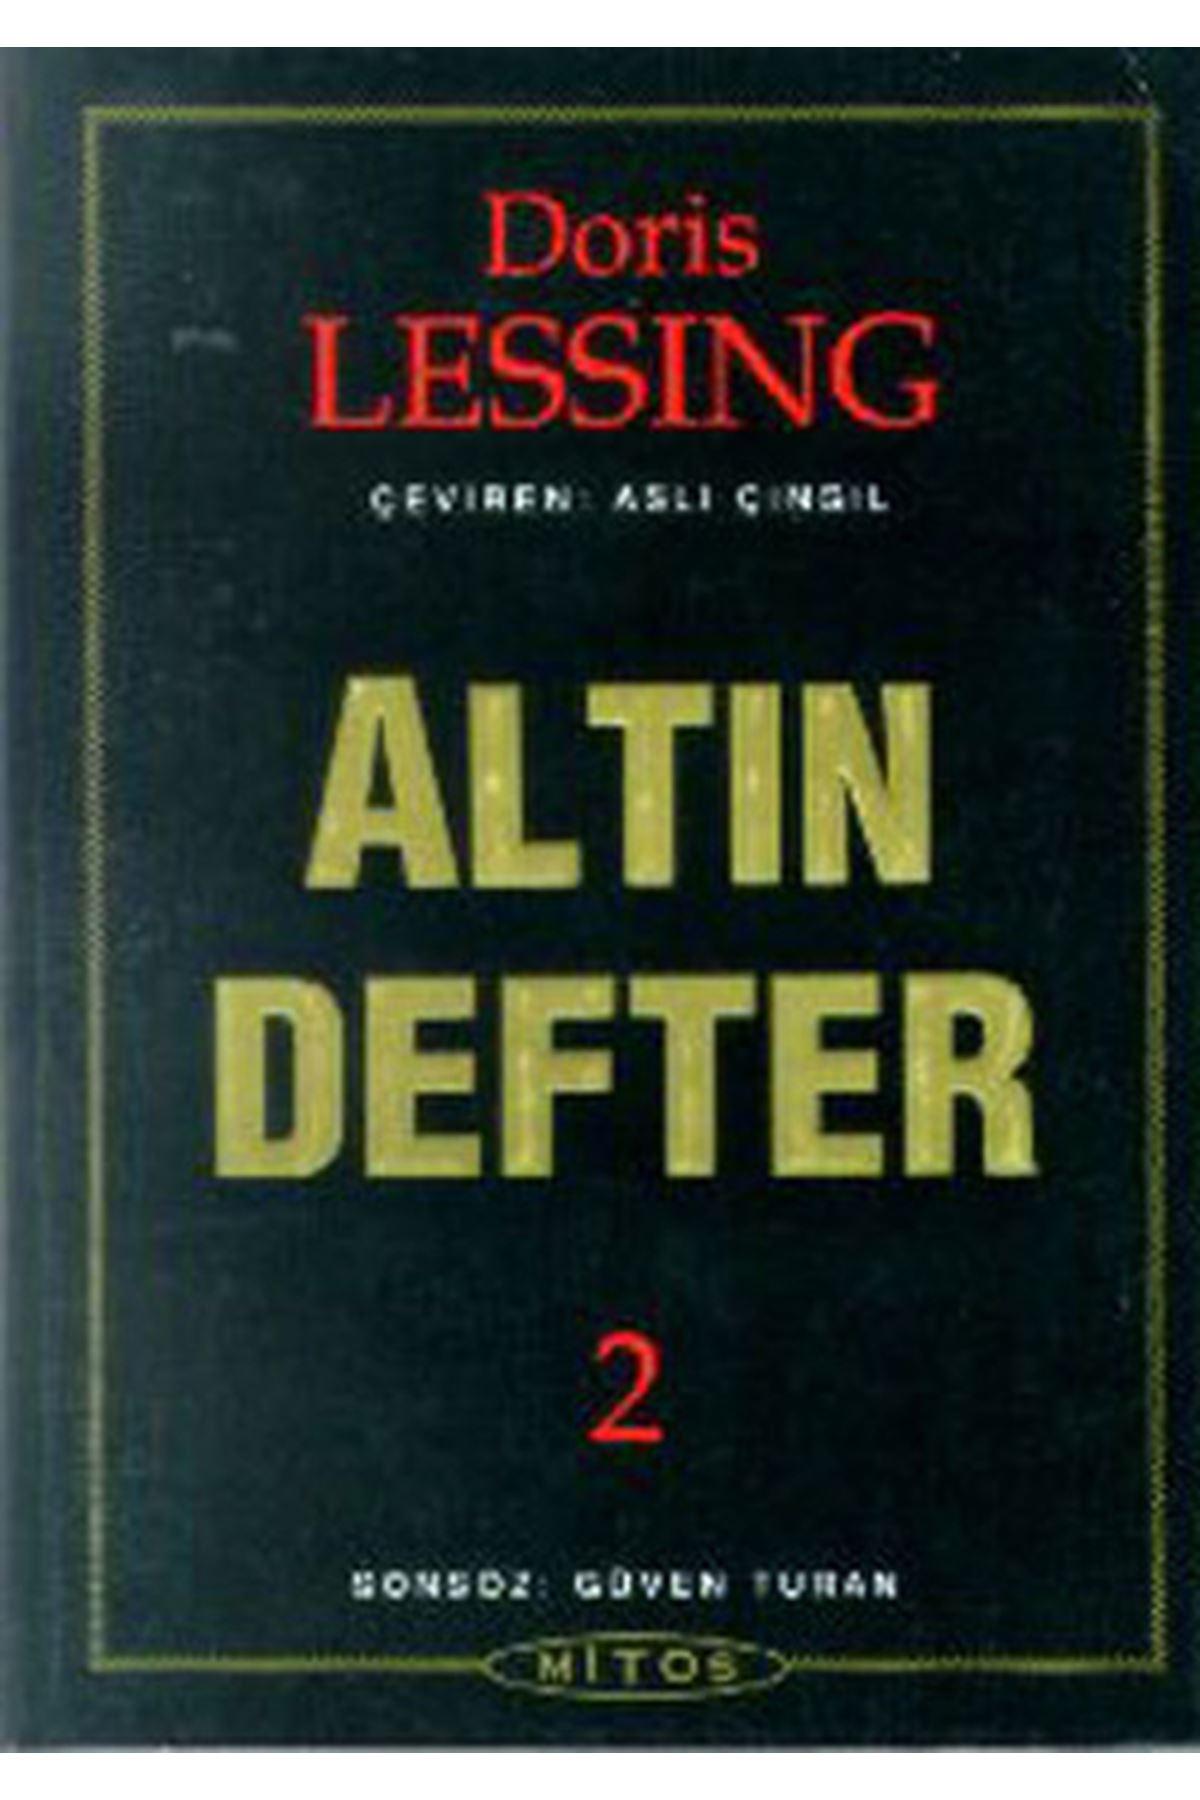 DORİS LESSİNG - ALTIN DEFTER 2